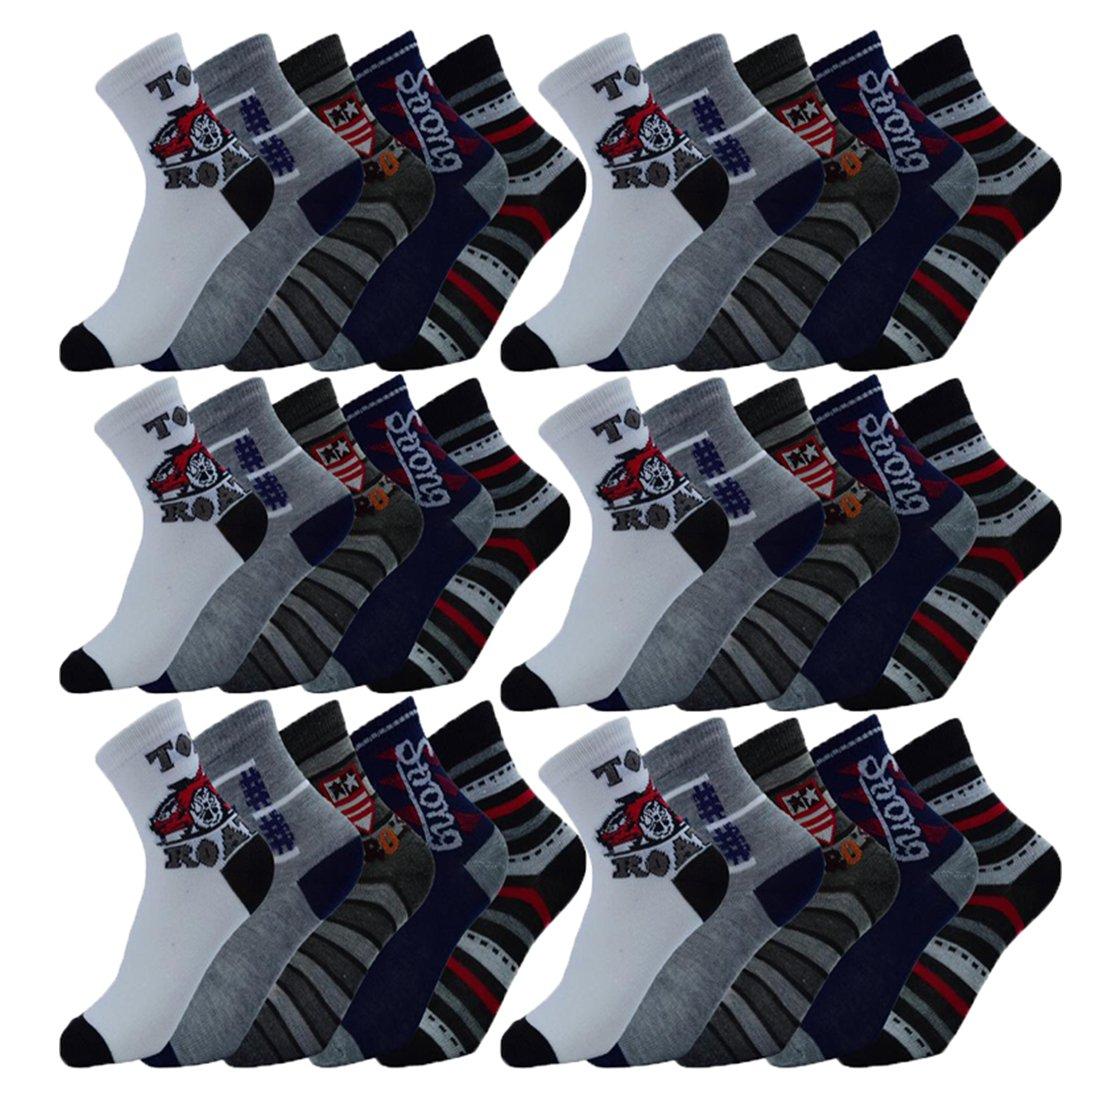 Unbekannt 10 Paar Kinder Jungen Socken Gr/ö/ße 27-39 zur Auswahl